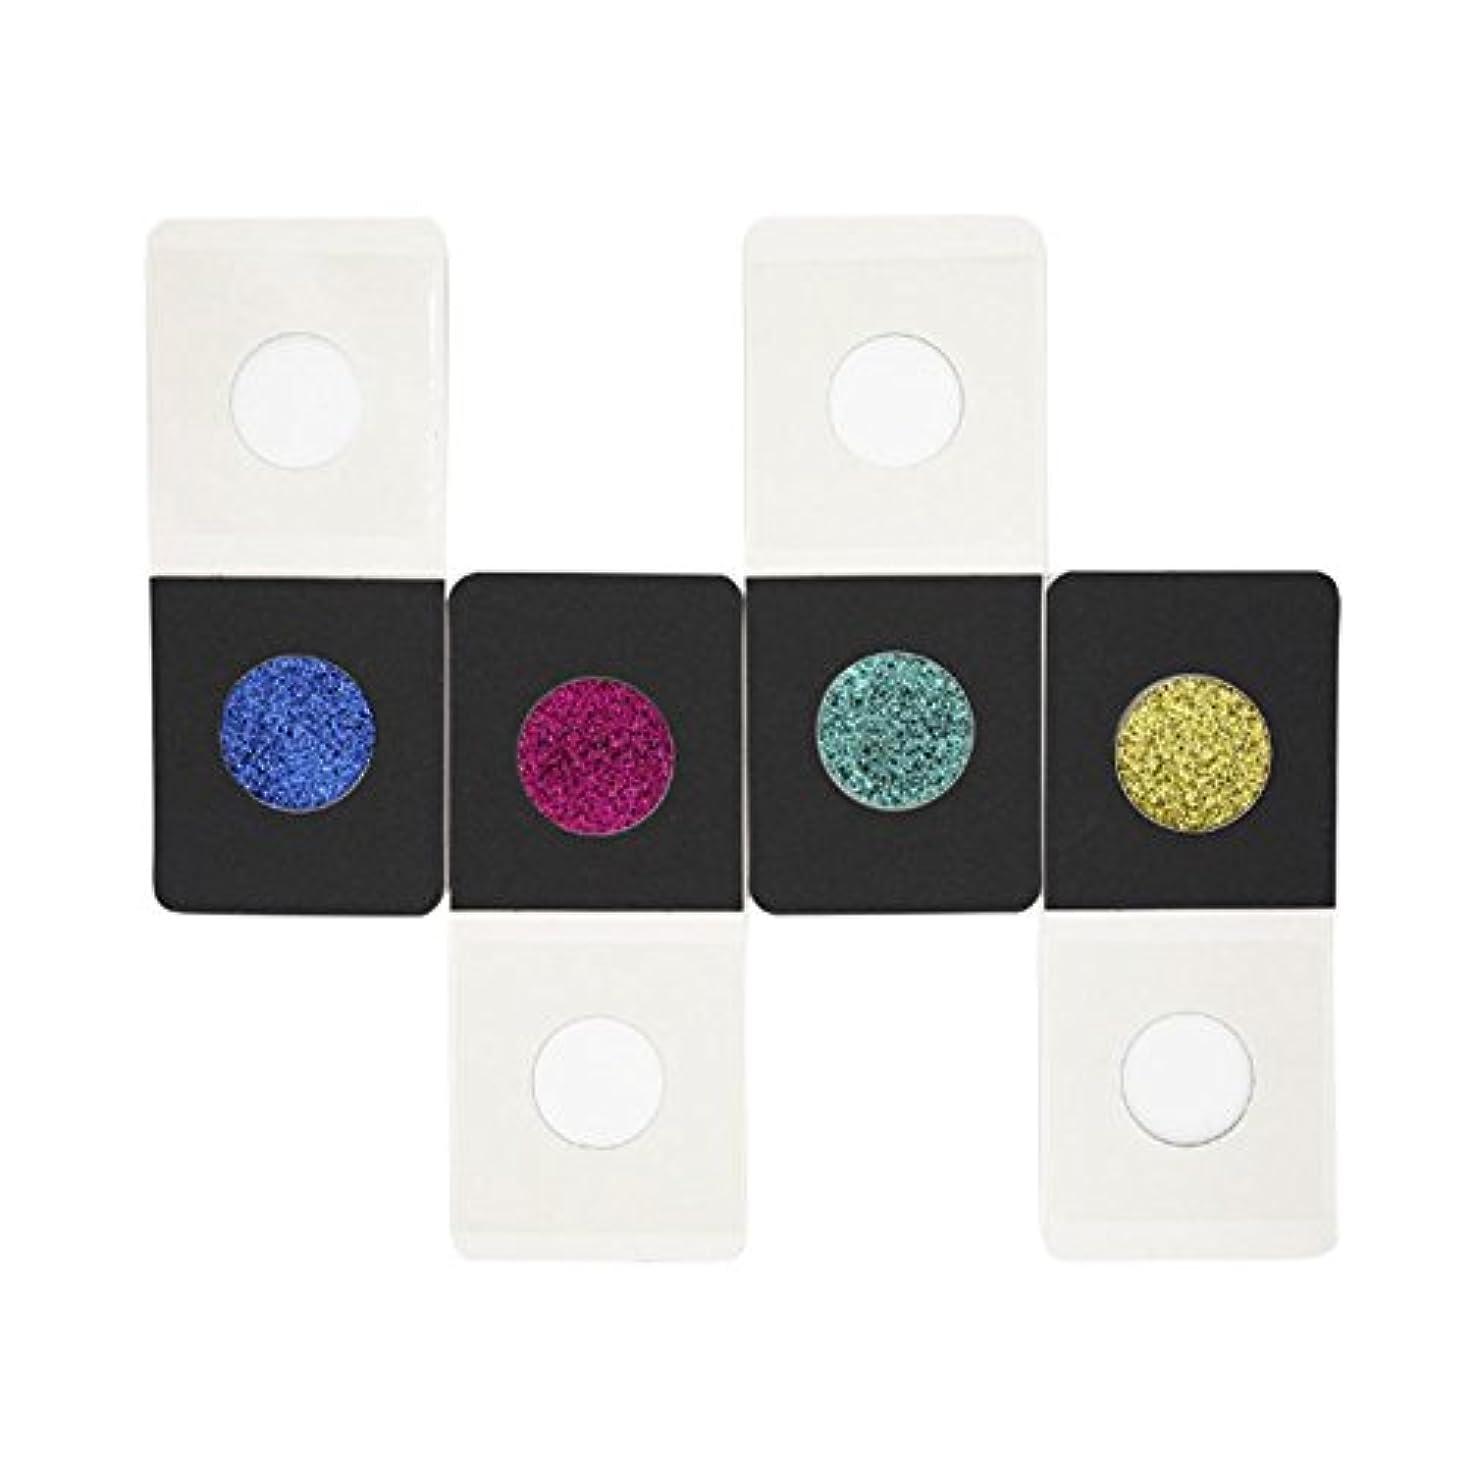 アイシャドウPOPFEEL 9色アイシャドウパレット顔料シャイニングパウダーマットヌード化粧品美容メイク(7)